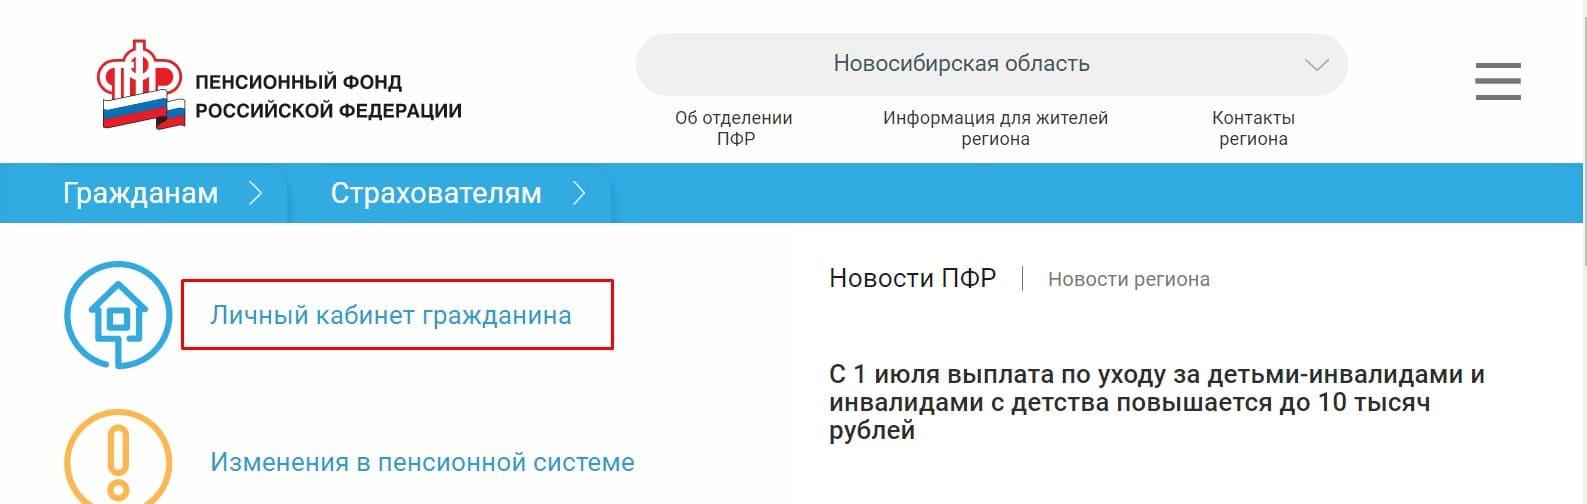 Пенсионный фонд Кыштовский район 1